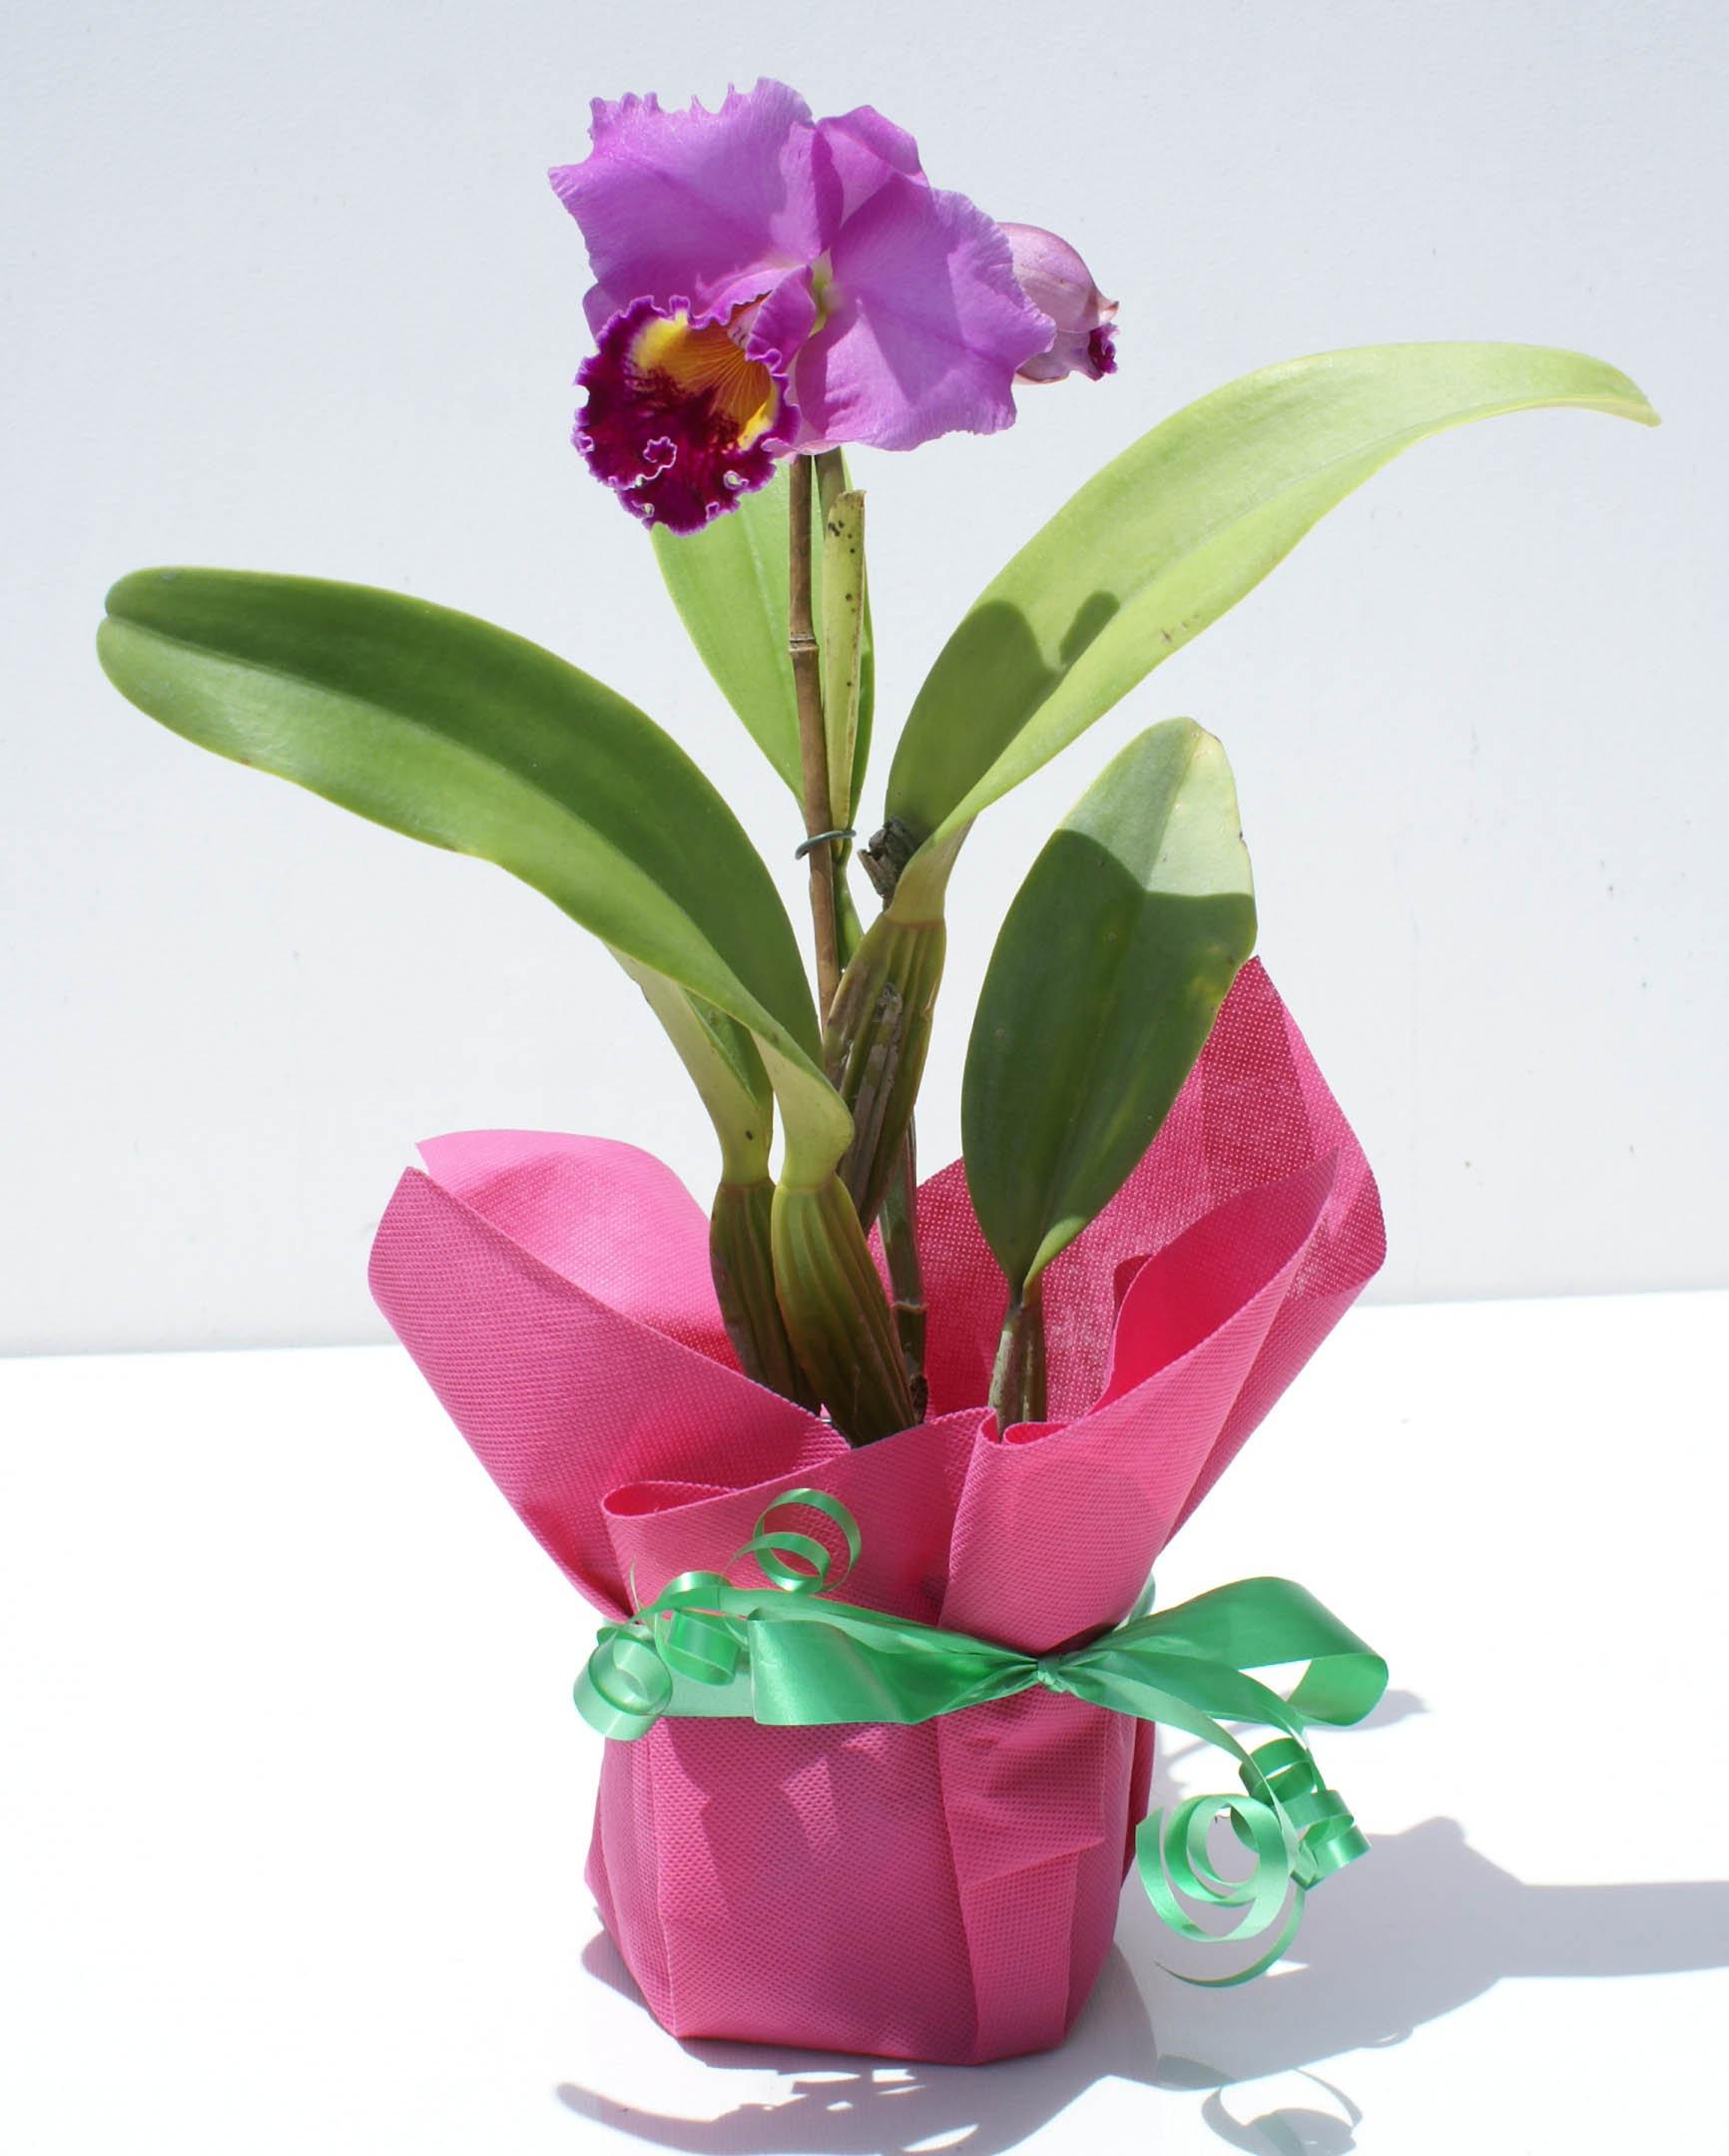 Planta cattleya orquideas con las flores venta en ecuador for Vendo plantas ornamentales